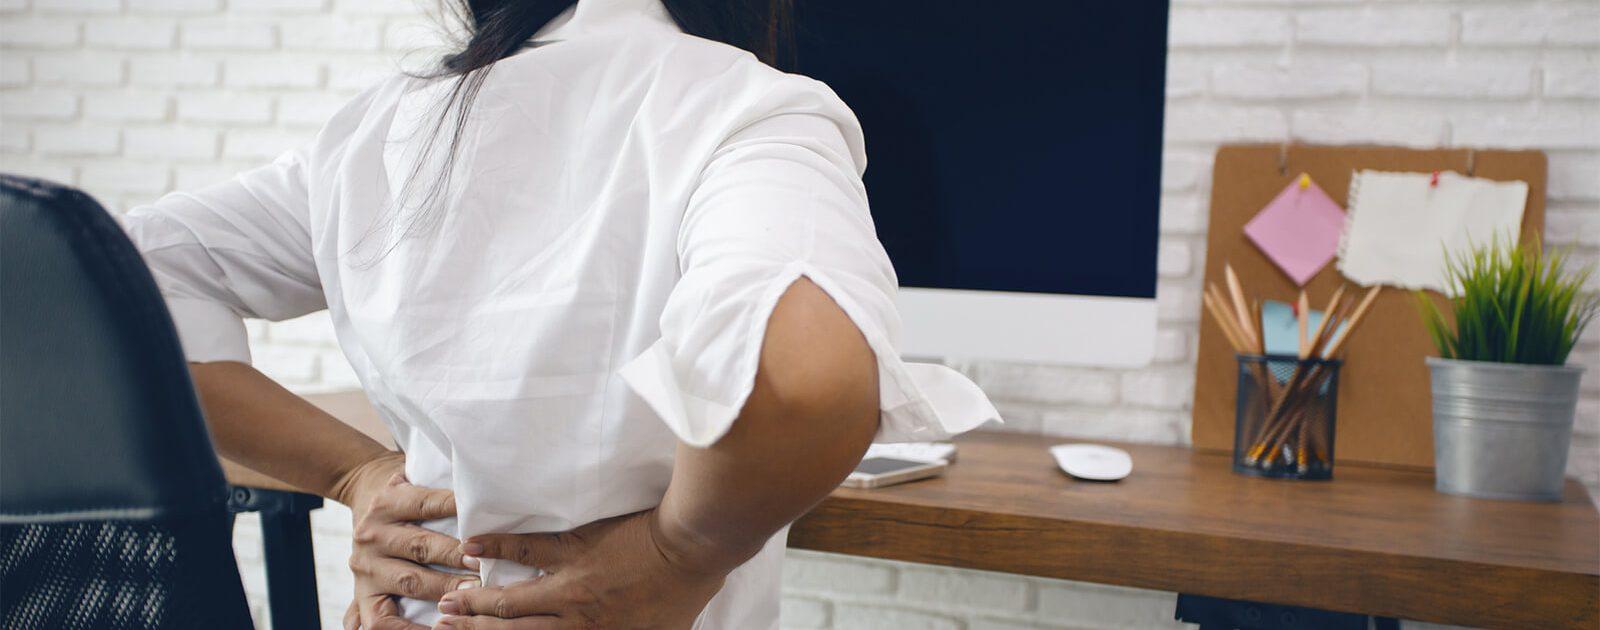 Rückenschmerzen bei Frauen: Frau sitzt mit Rückenschmerzen am Schreibtisch